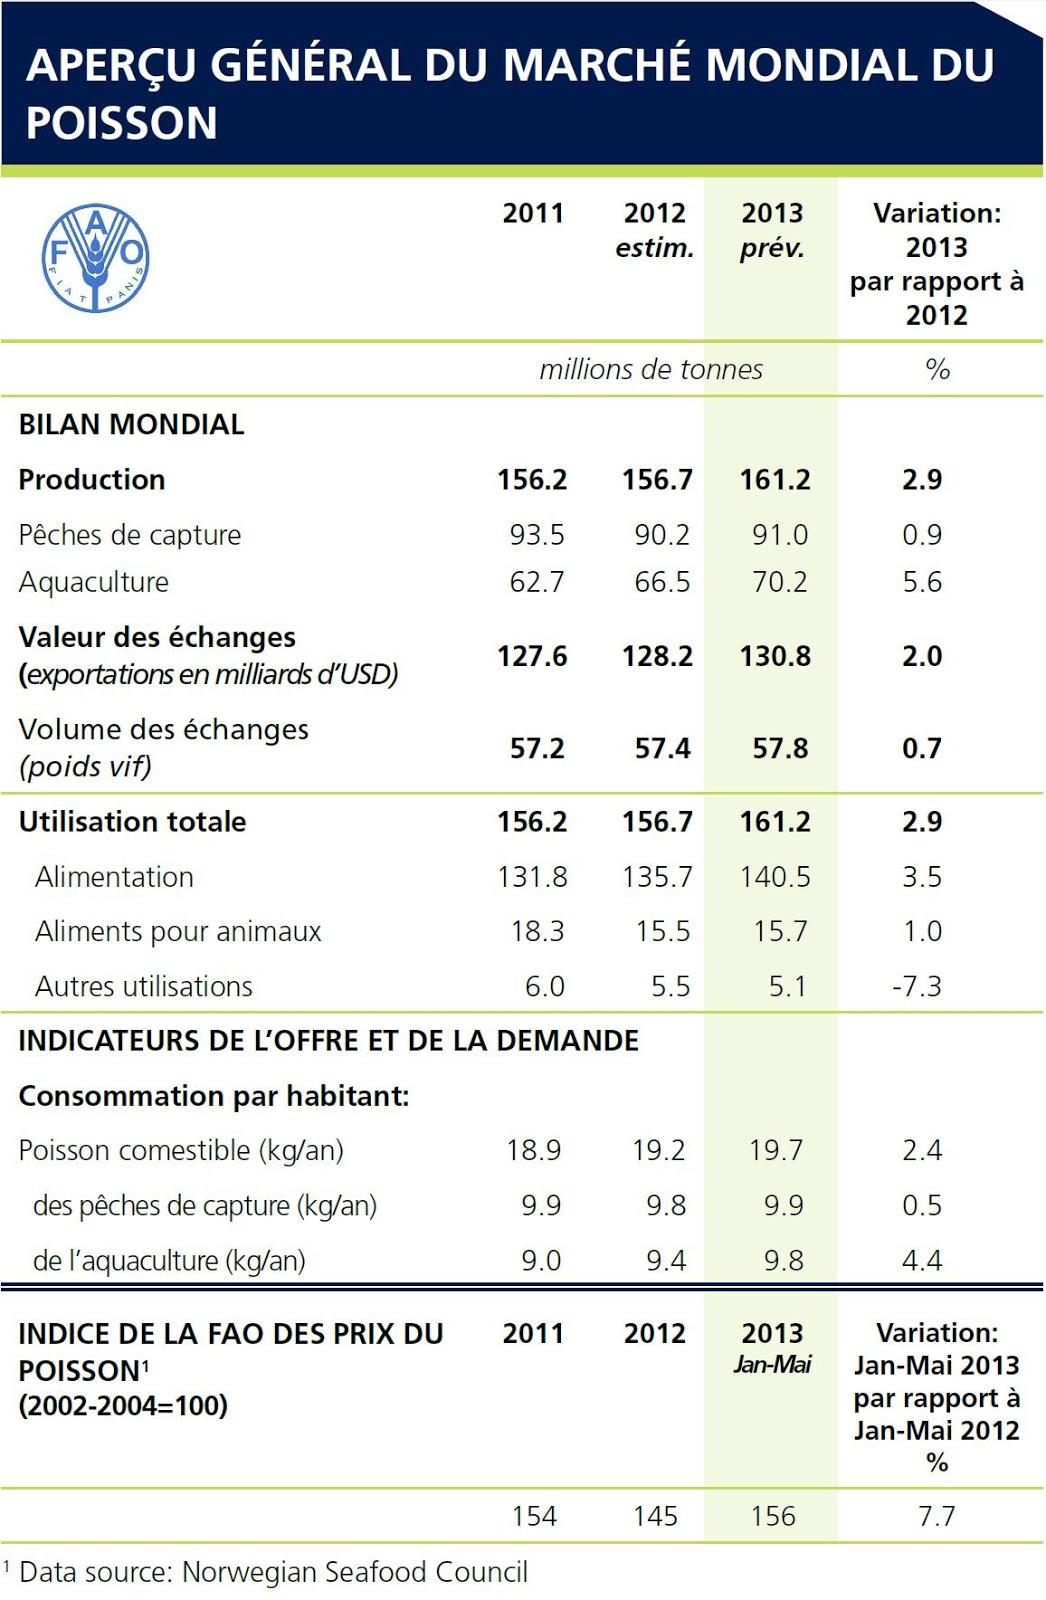 Poisson tendance la hausse des prix mondiaux for Alimentation poisson elevage